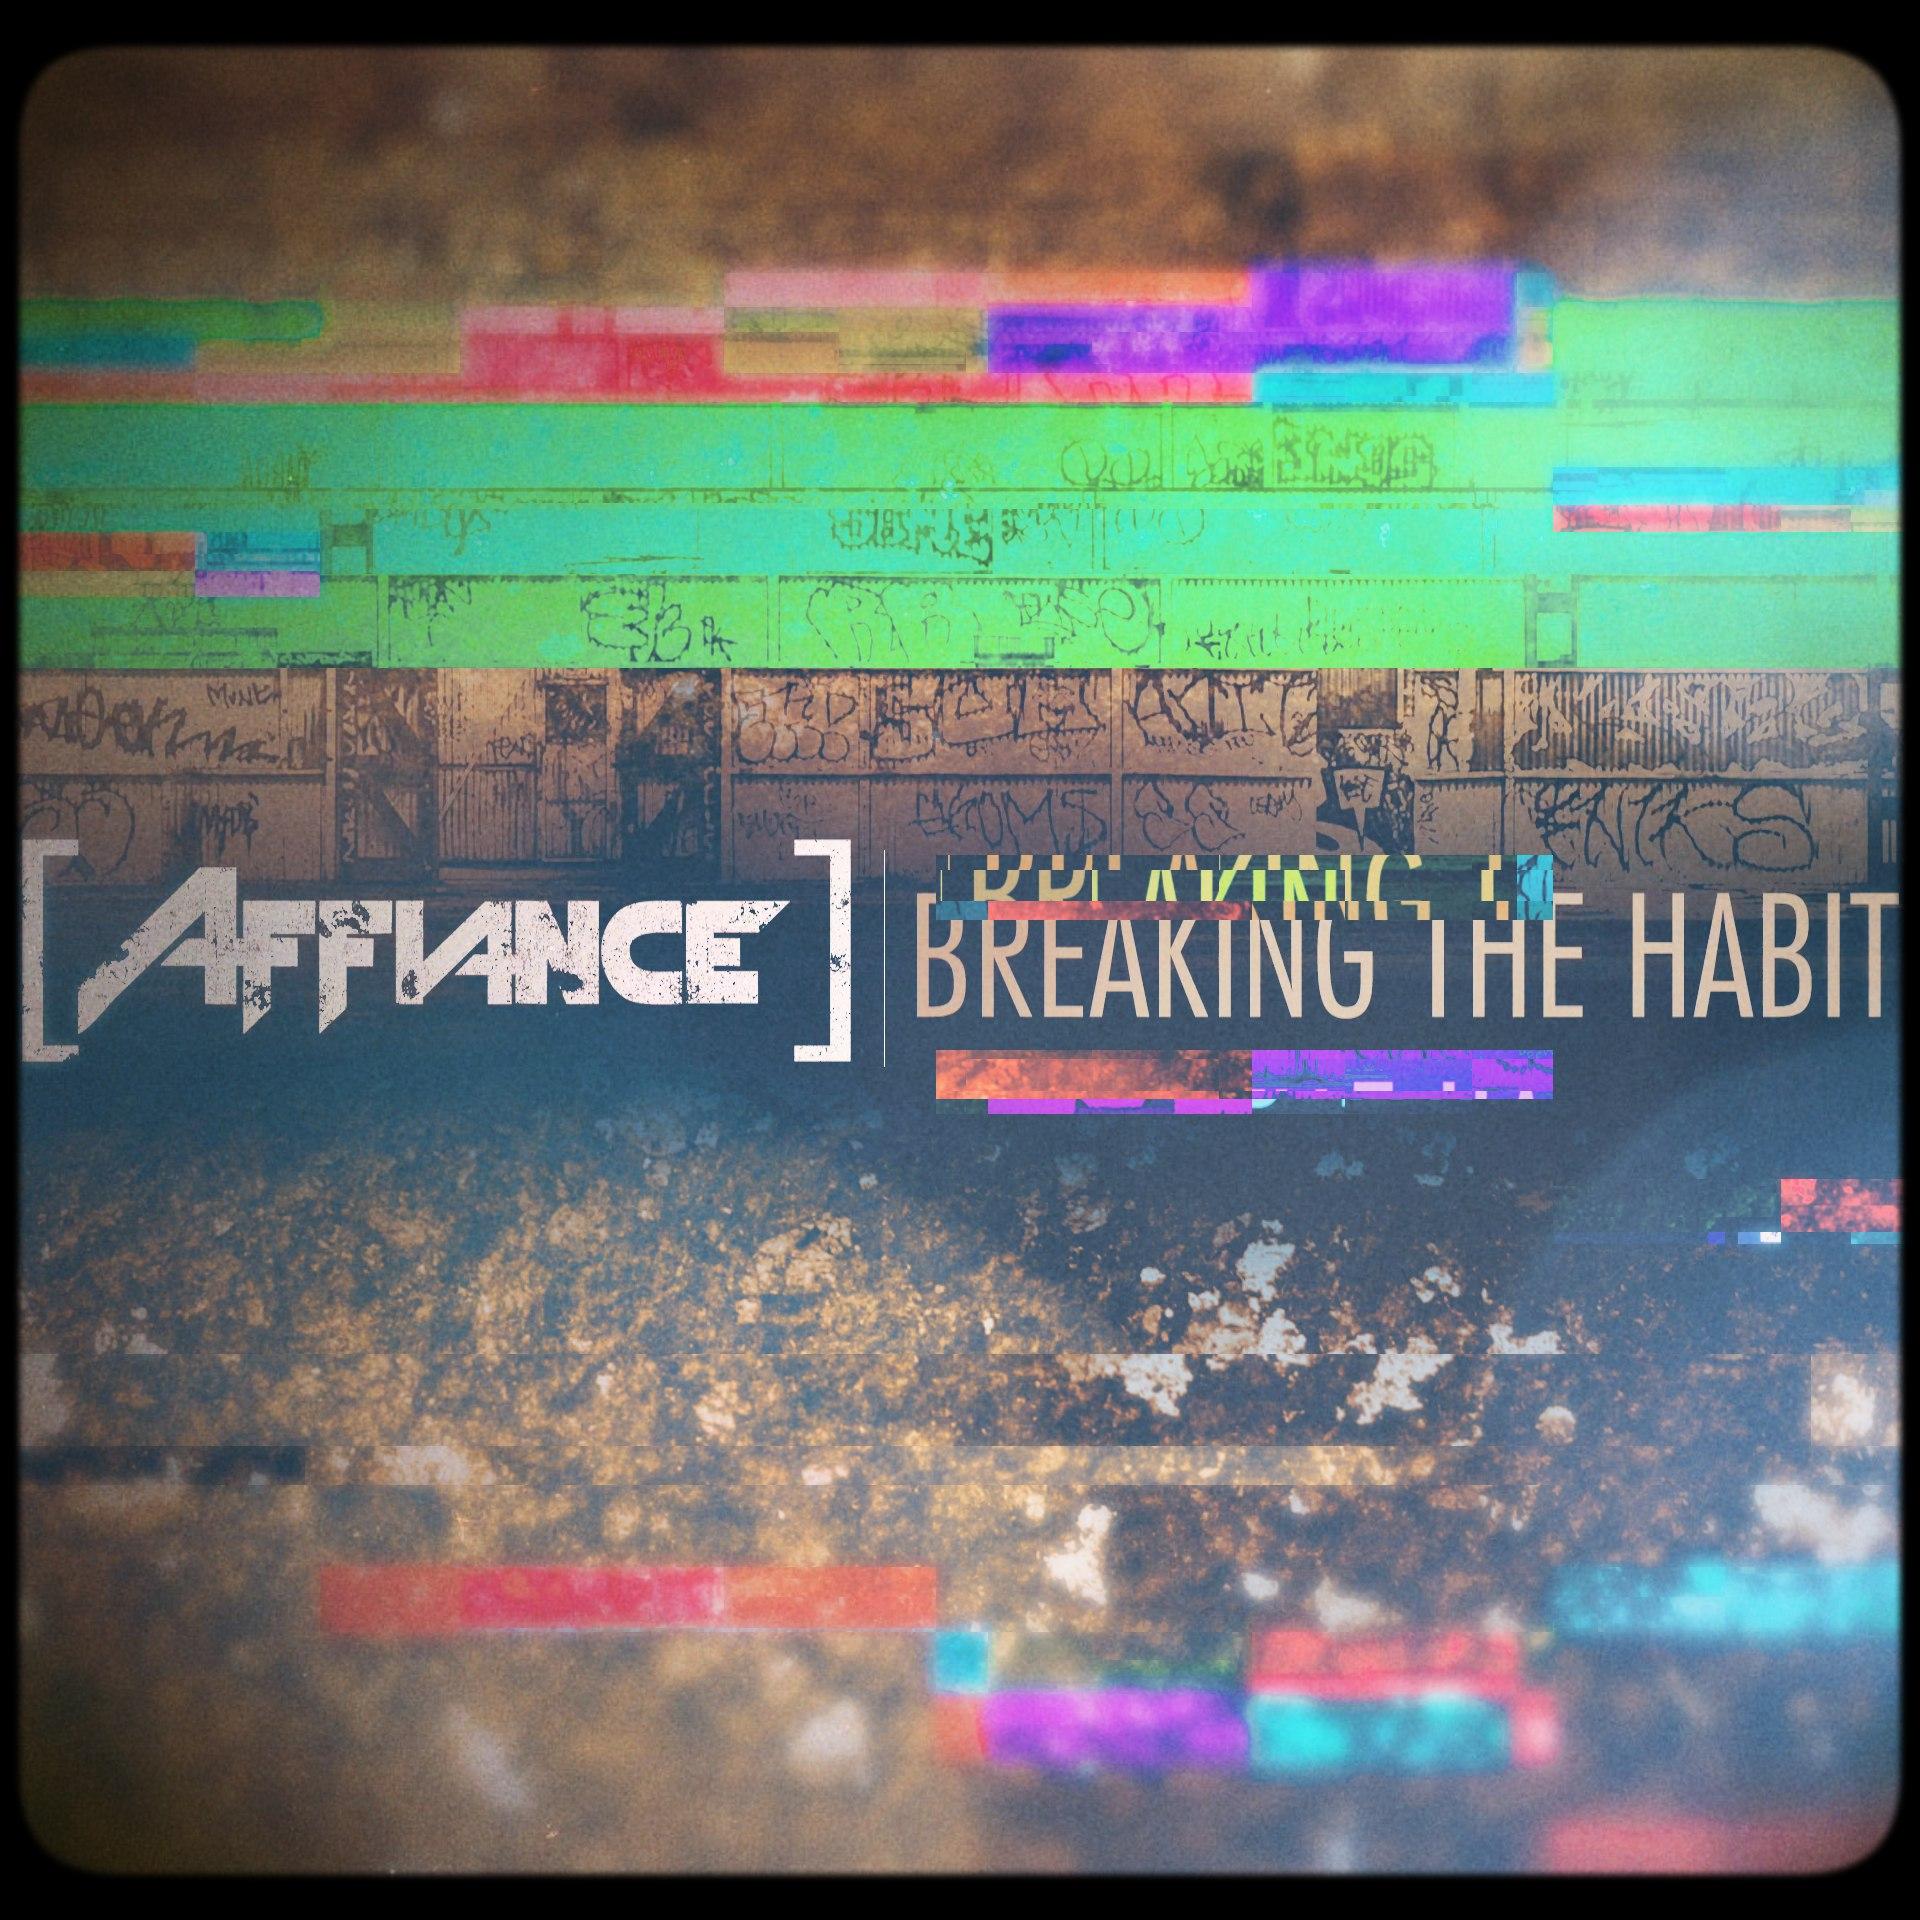 Affiance - Breaking The Habit [single] (2017)